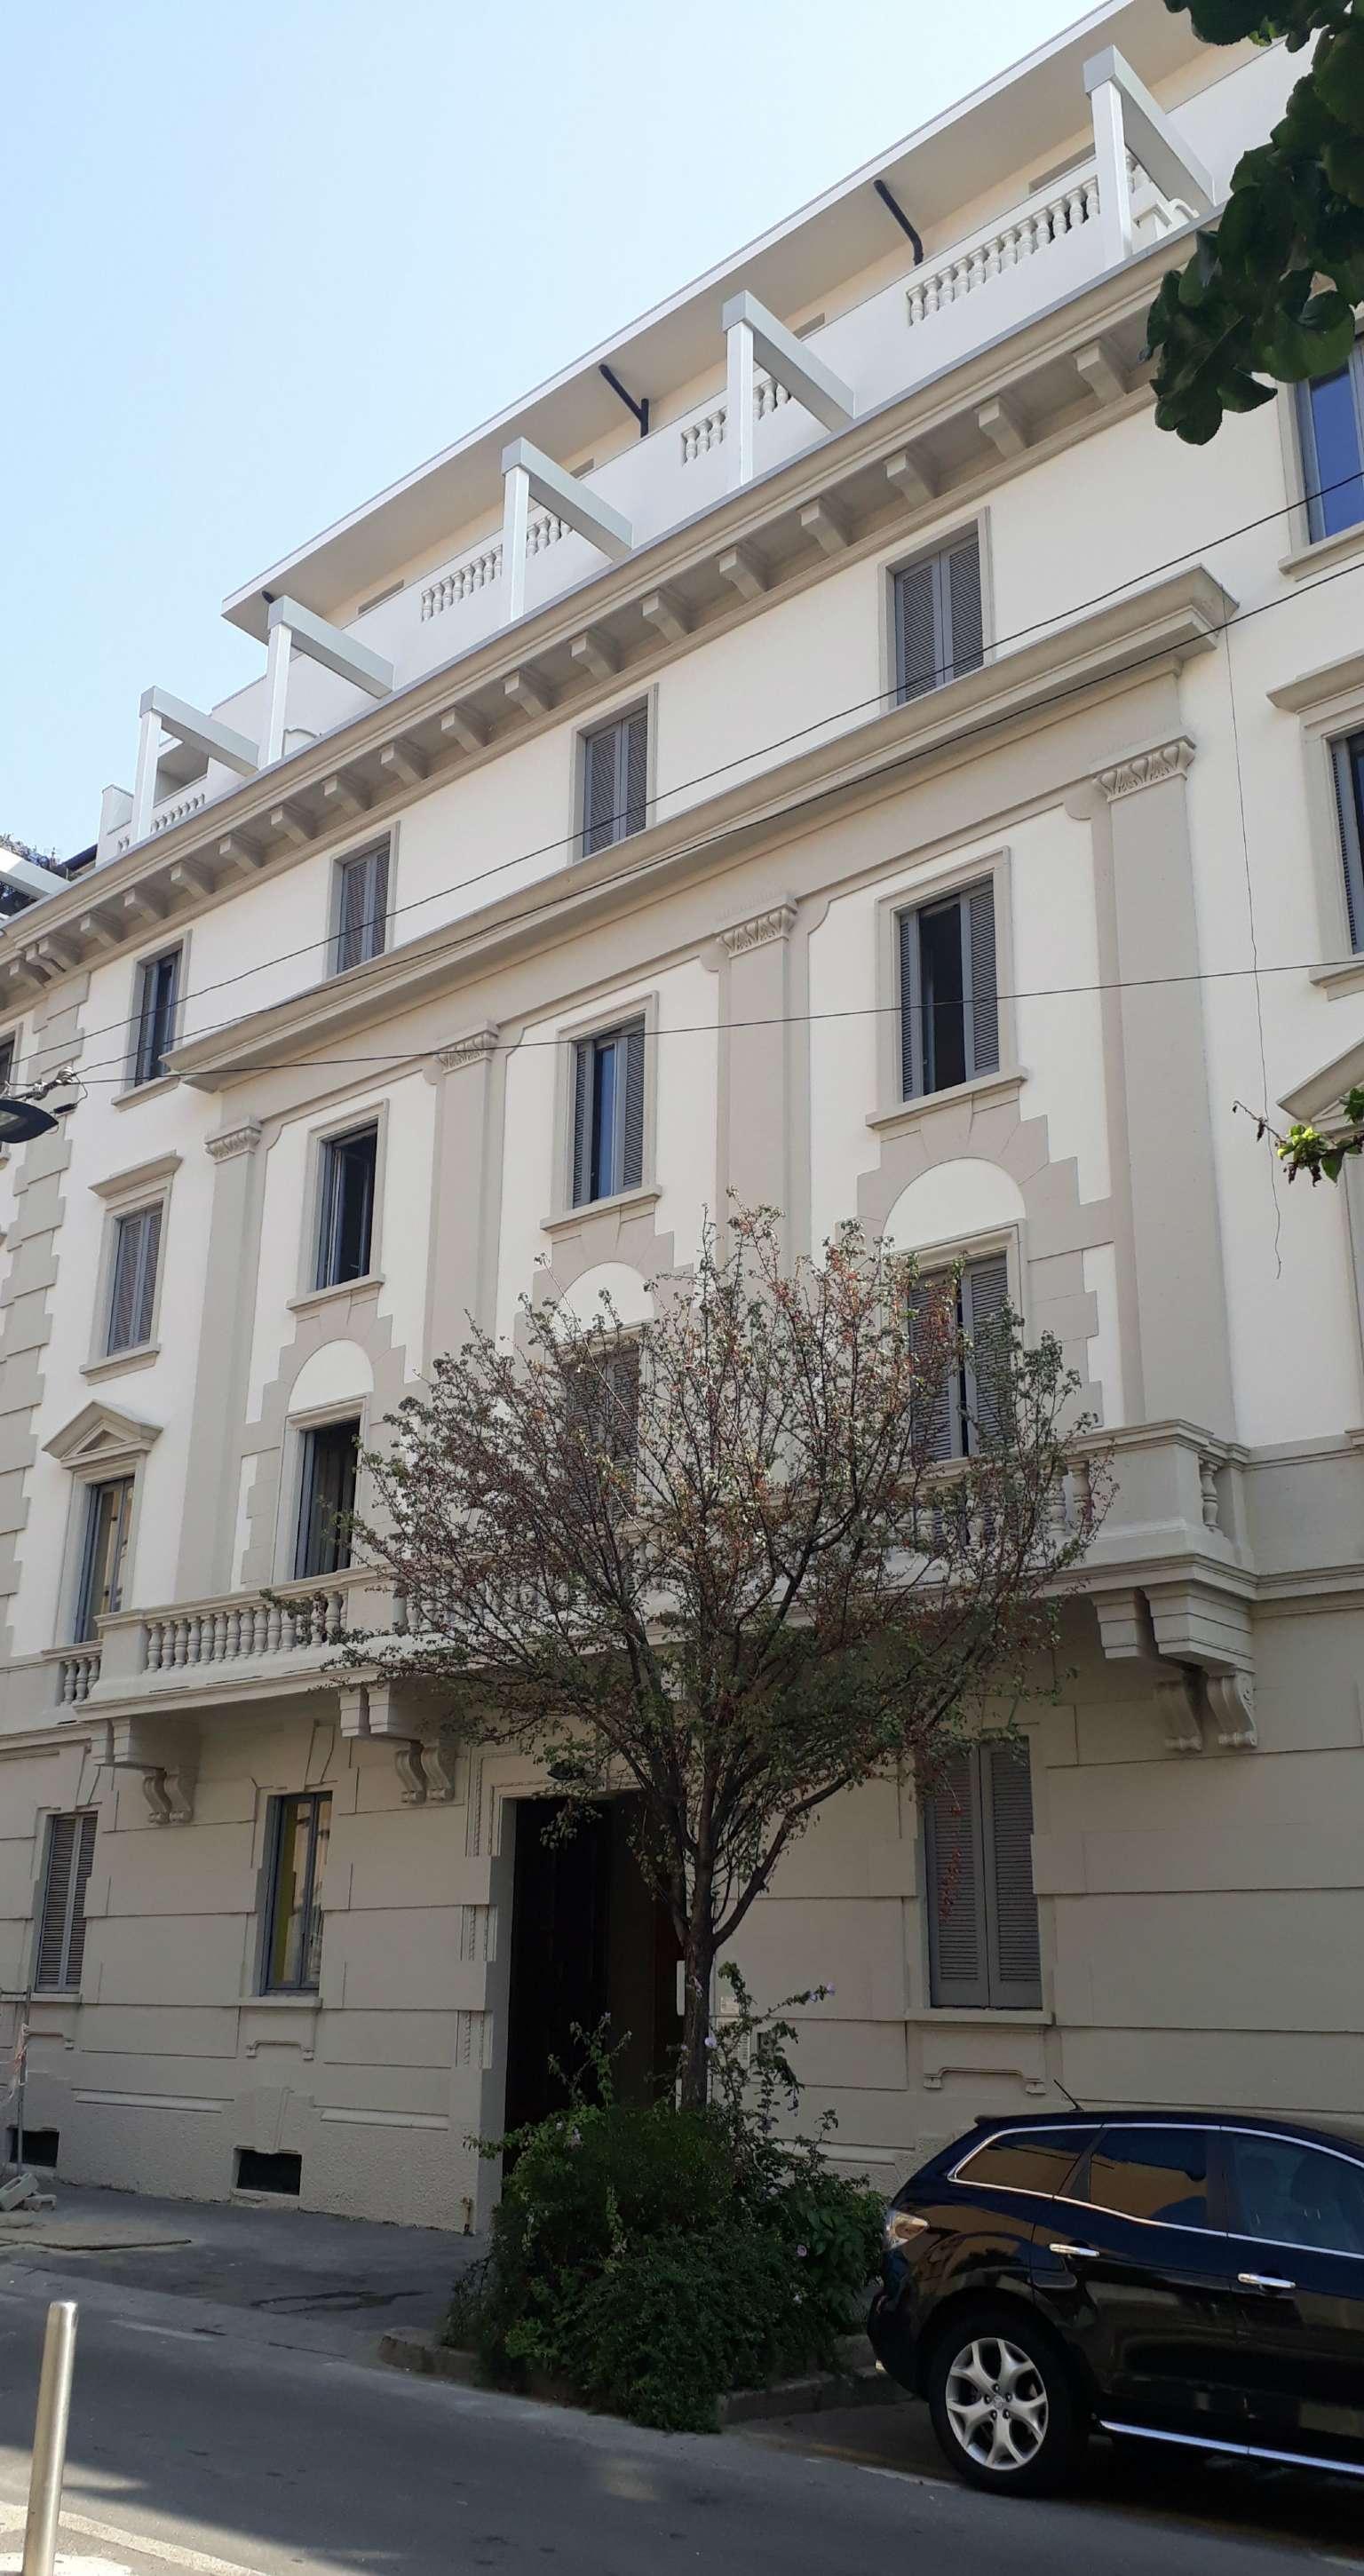 Appartamento in Vendita a Milano 01 Centro storico (Cerchia dei Navigli): 3 locali, 143 mq